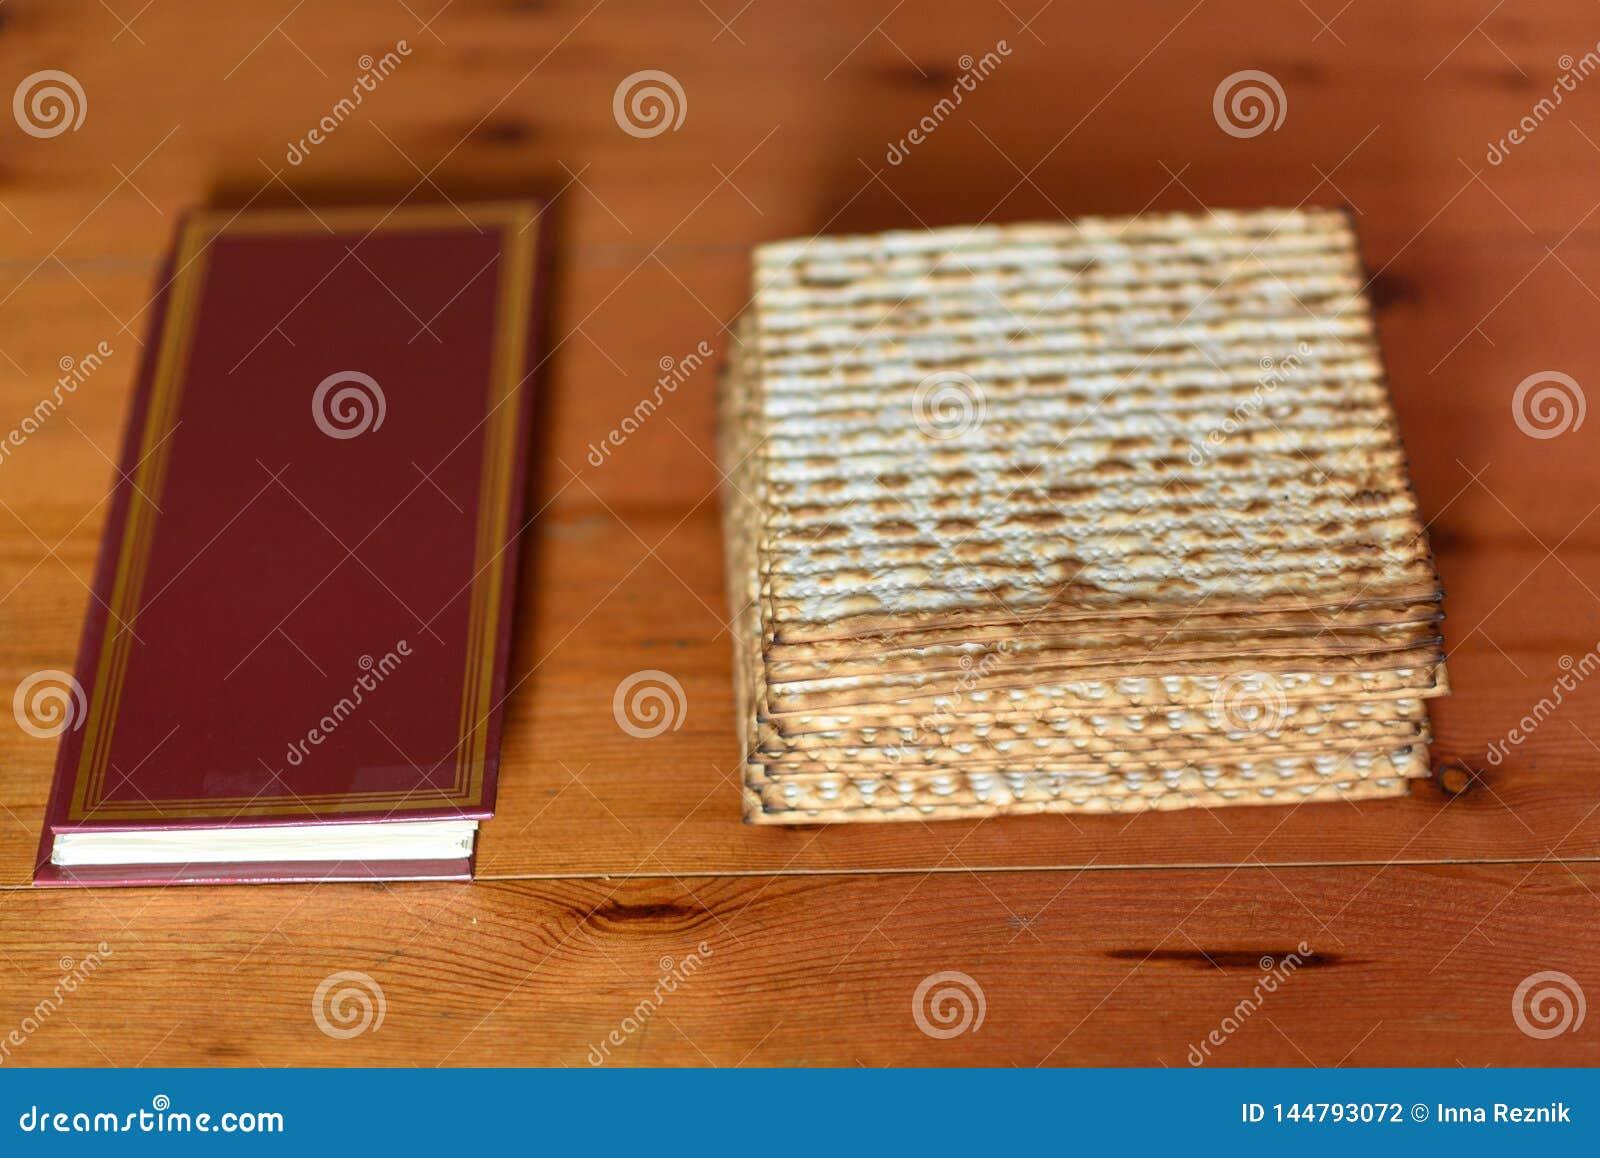 Passover Tradycyjny seder stół ustawia dla Żydowskiej Świątecznej posiłku Passover i matzah hagady